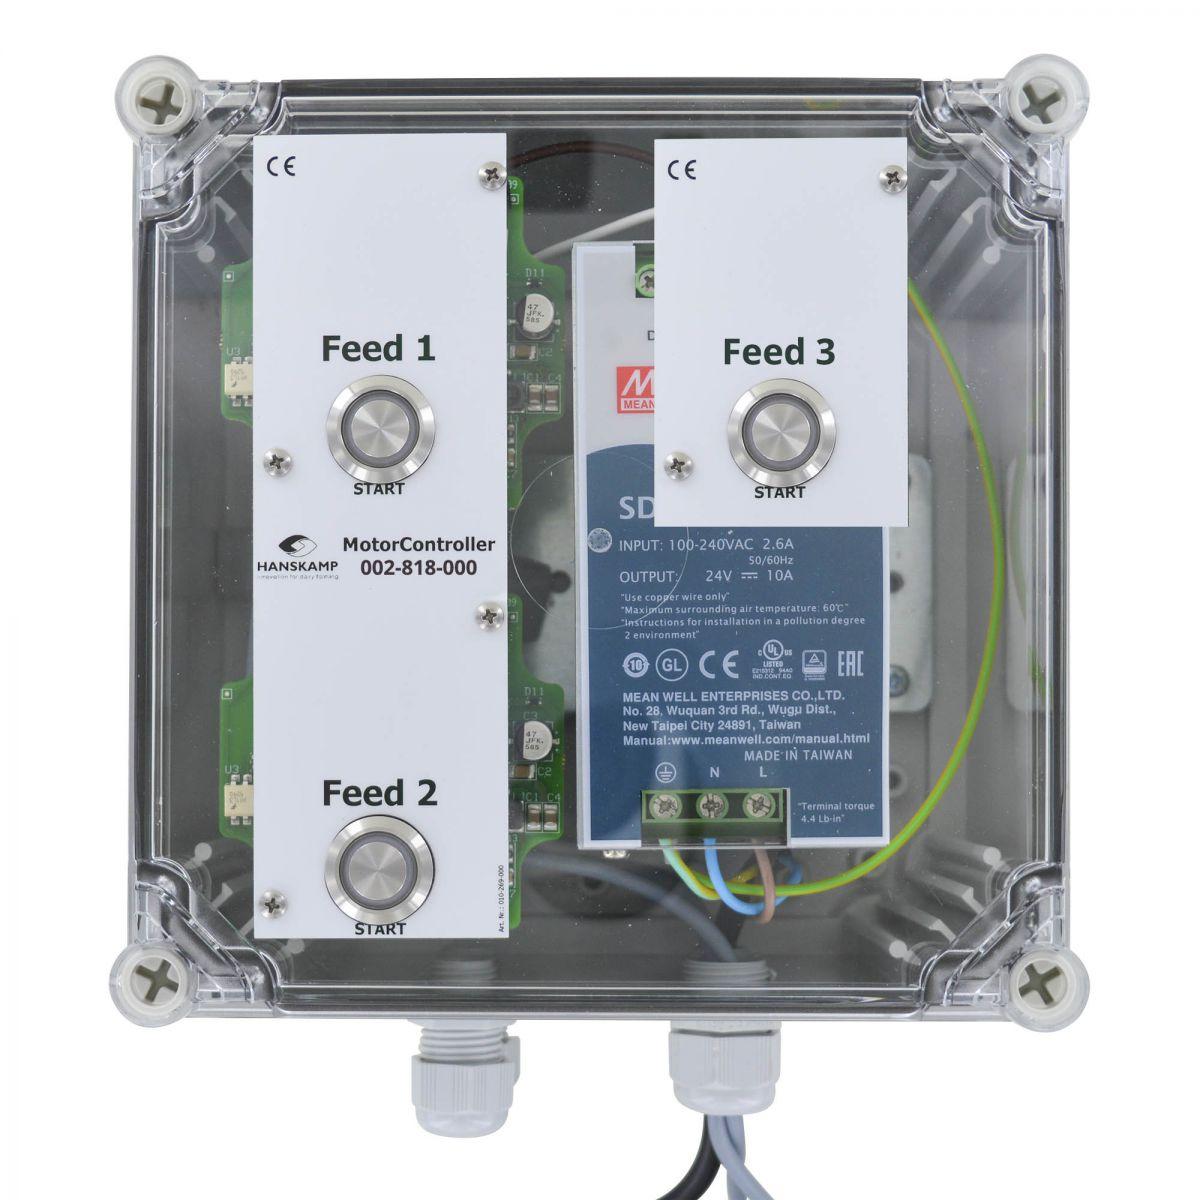 motorcontroller 3 aliments pipefeeder highspeed avec lalimentation 24v dc 10a dans le coffret